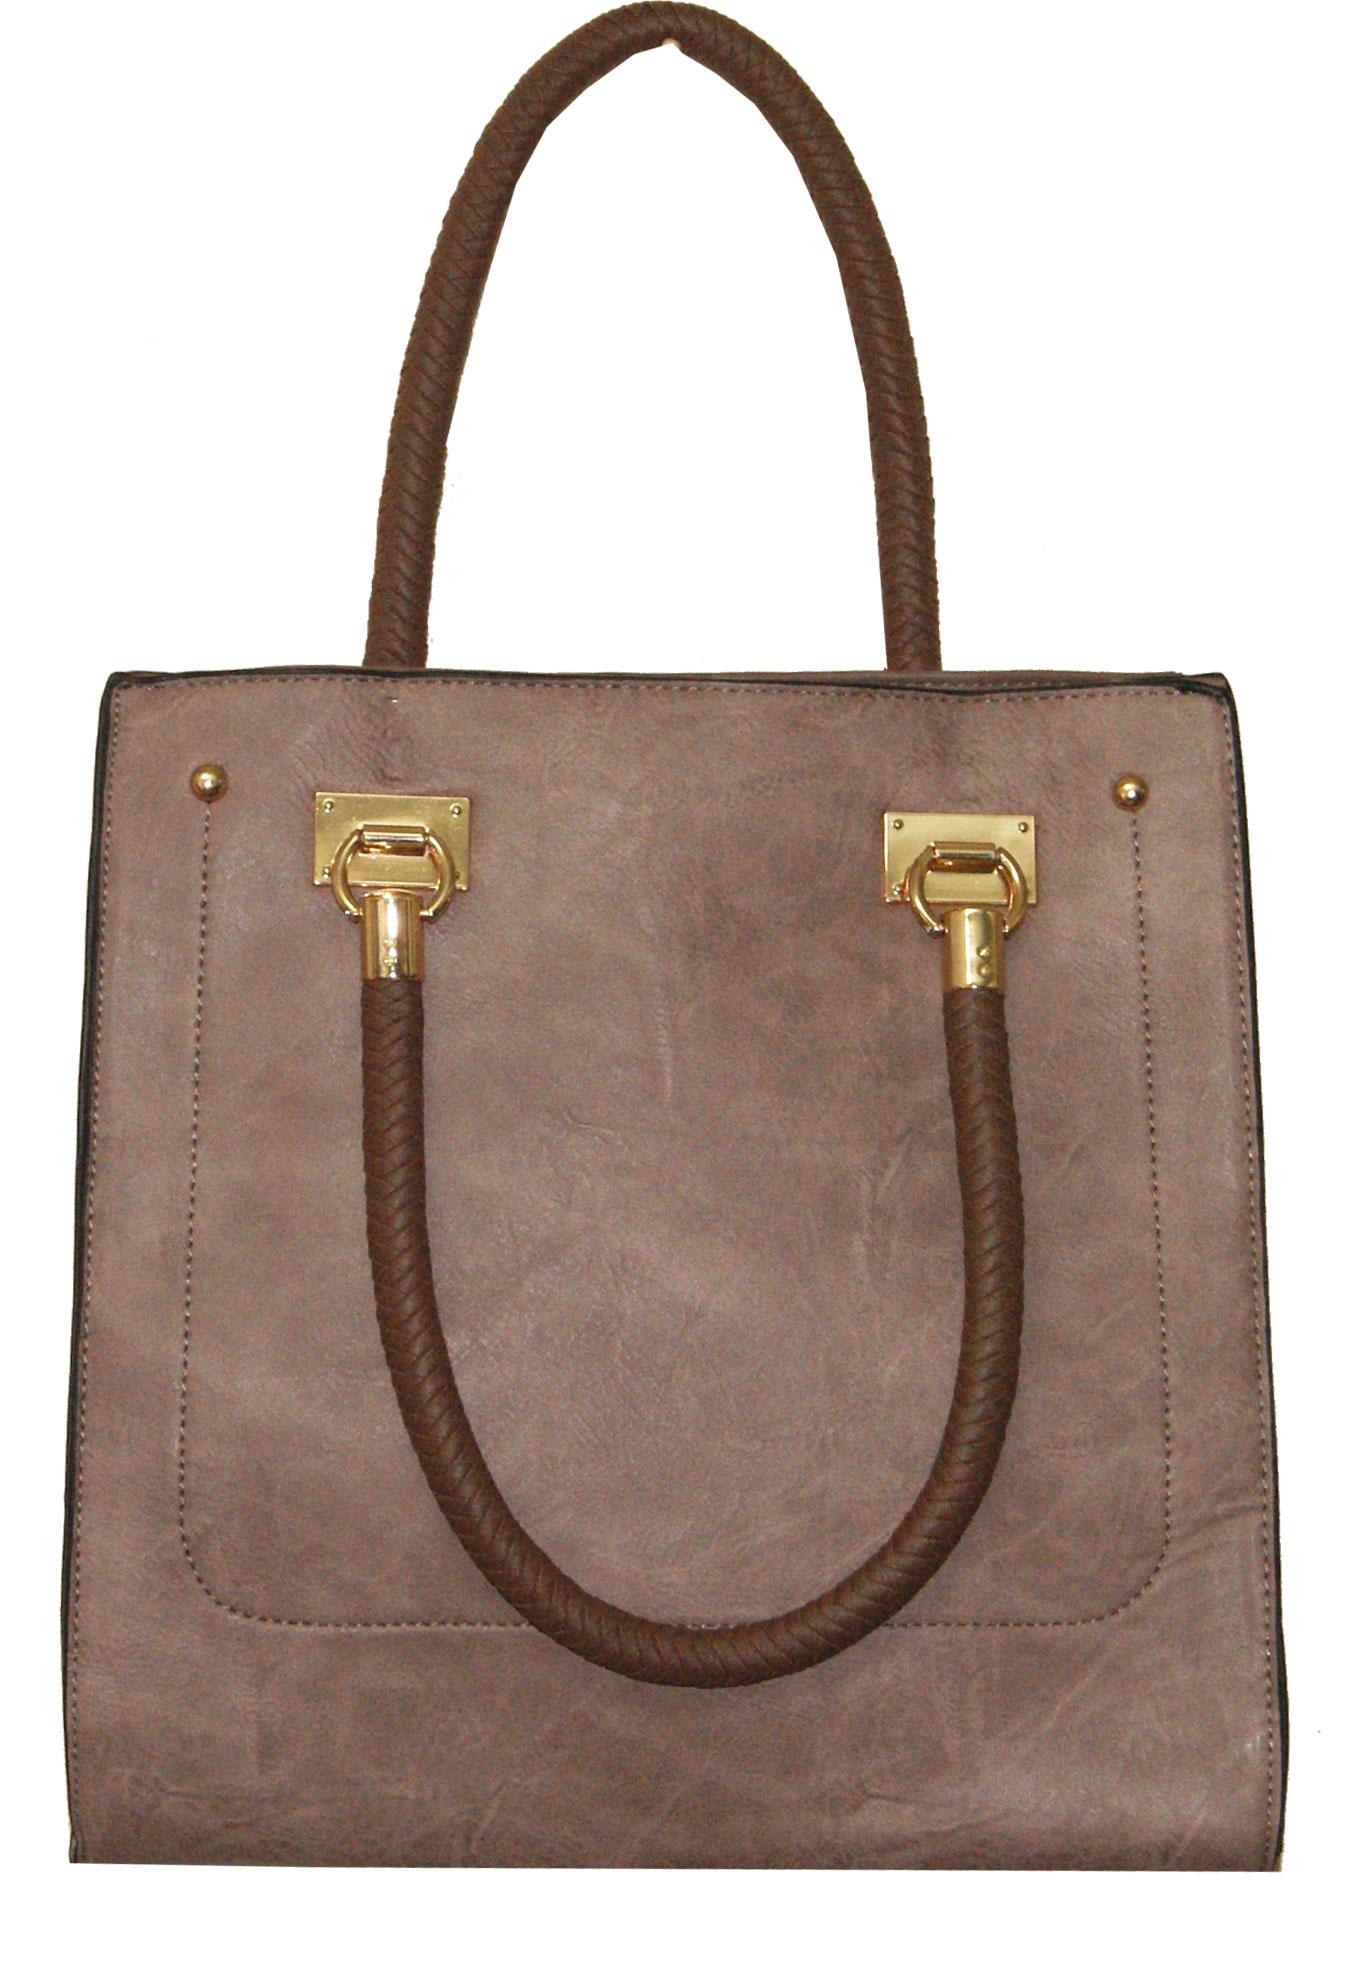 Τσάντα χειρός Νο 98280 - Σάπιο μήλο